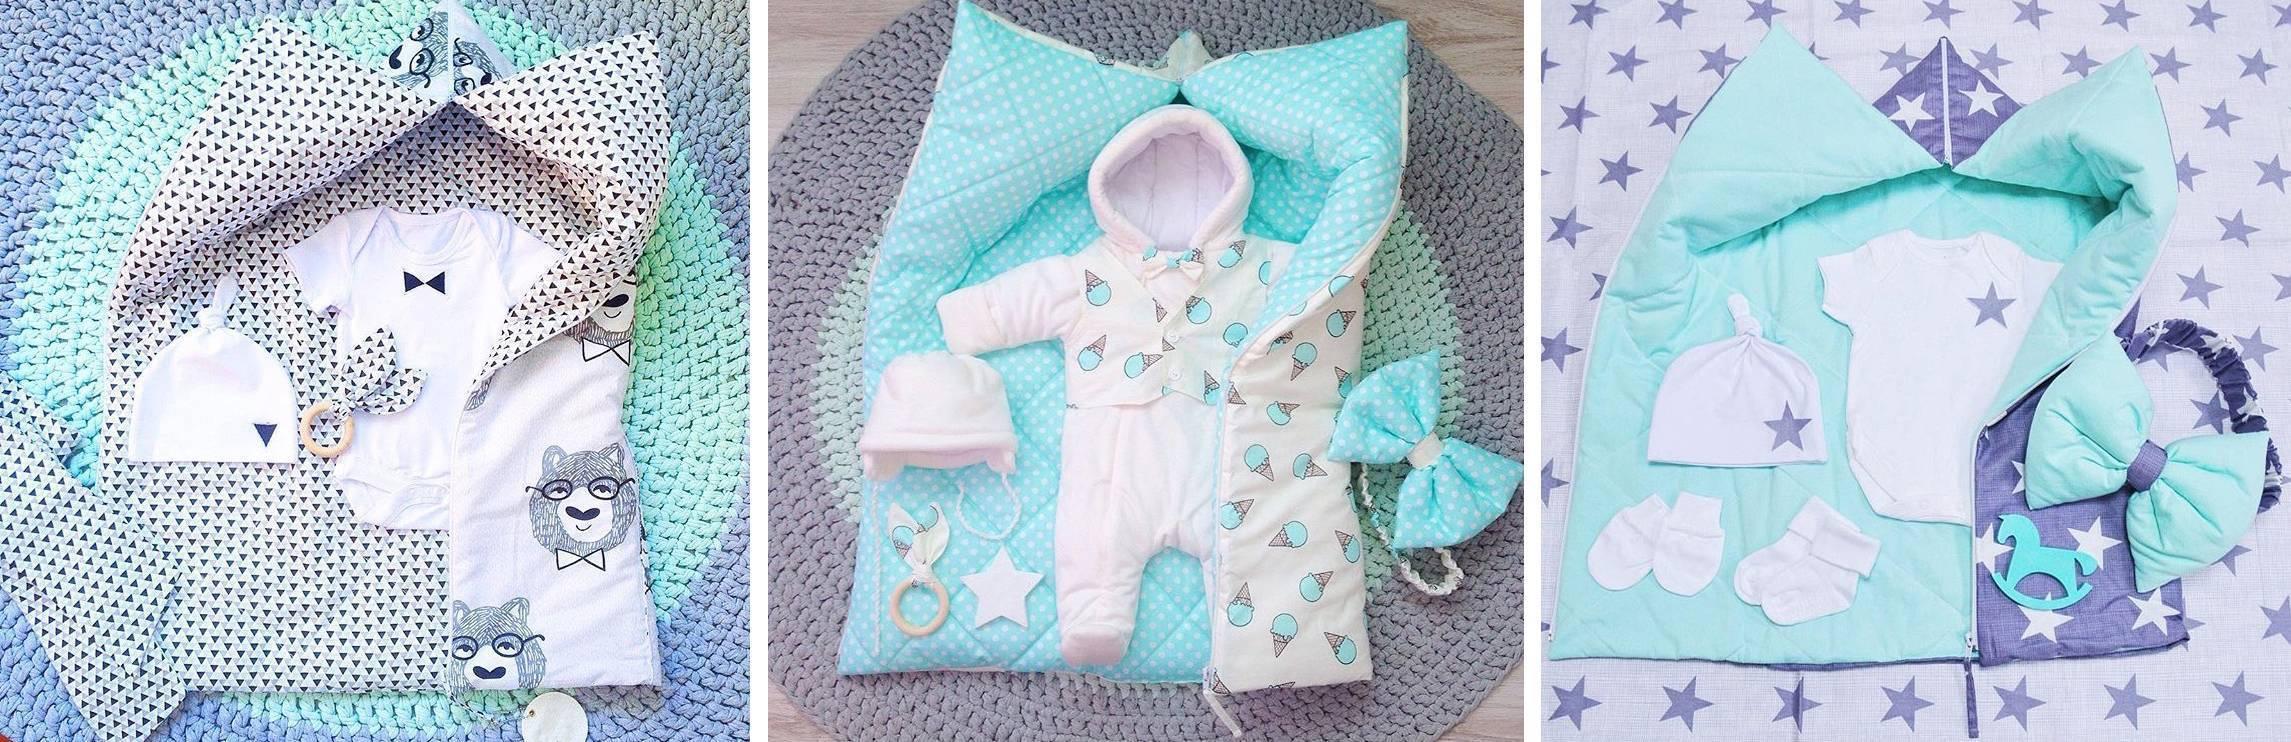 Как одеть новорожденного  ребенка осенью - во что одеть новорожденного осенью - запись пользователя анна (frizzy) в дневнике - babyblog.ru